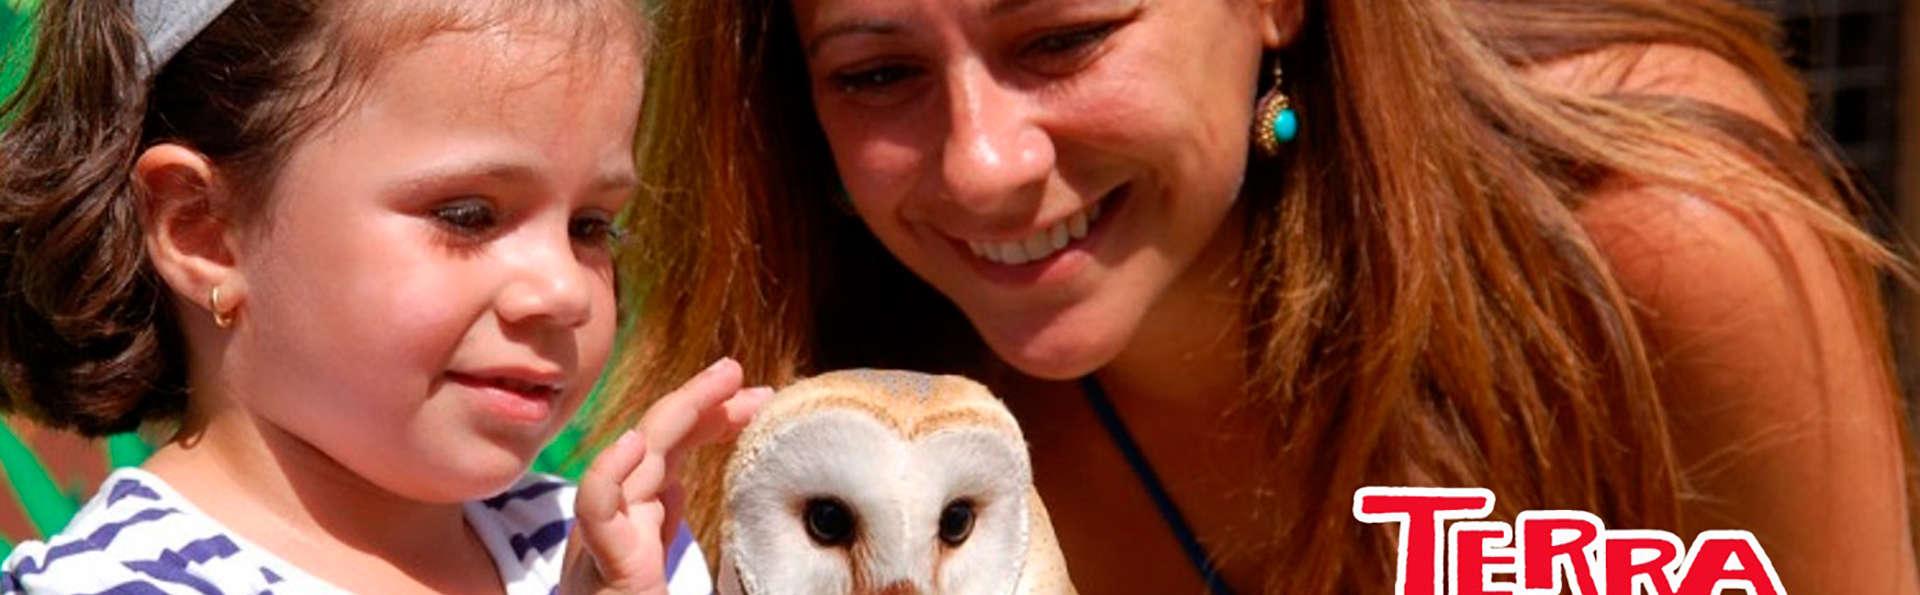 Aventure et découverte à Terra Natura et séjour à El Campello sur la côte d'Alicante